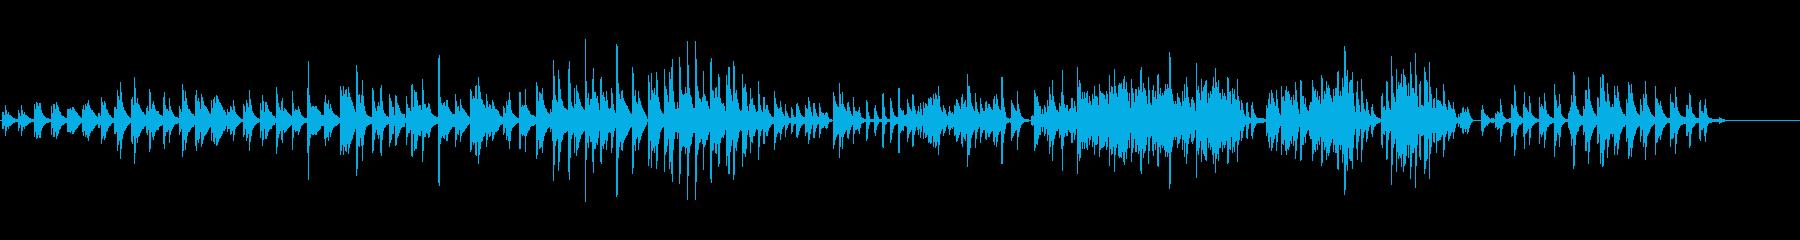 生ピアノ・10月の曇り空(ソフトピアノ)の再生済みの波形